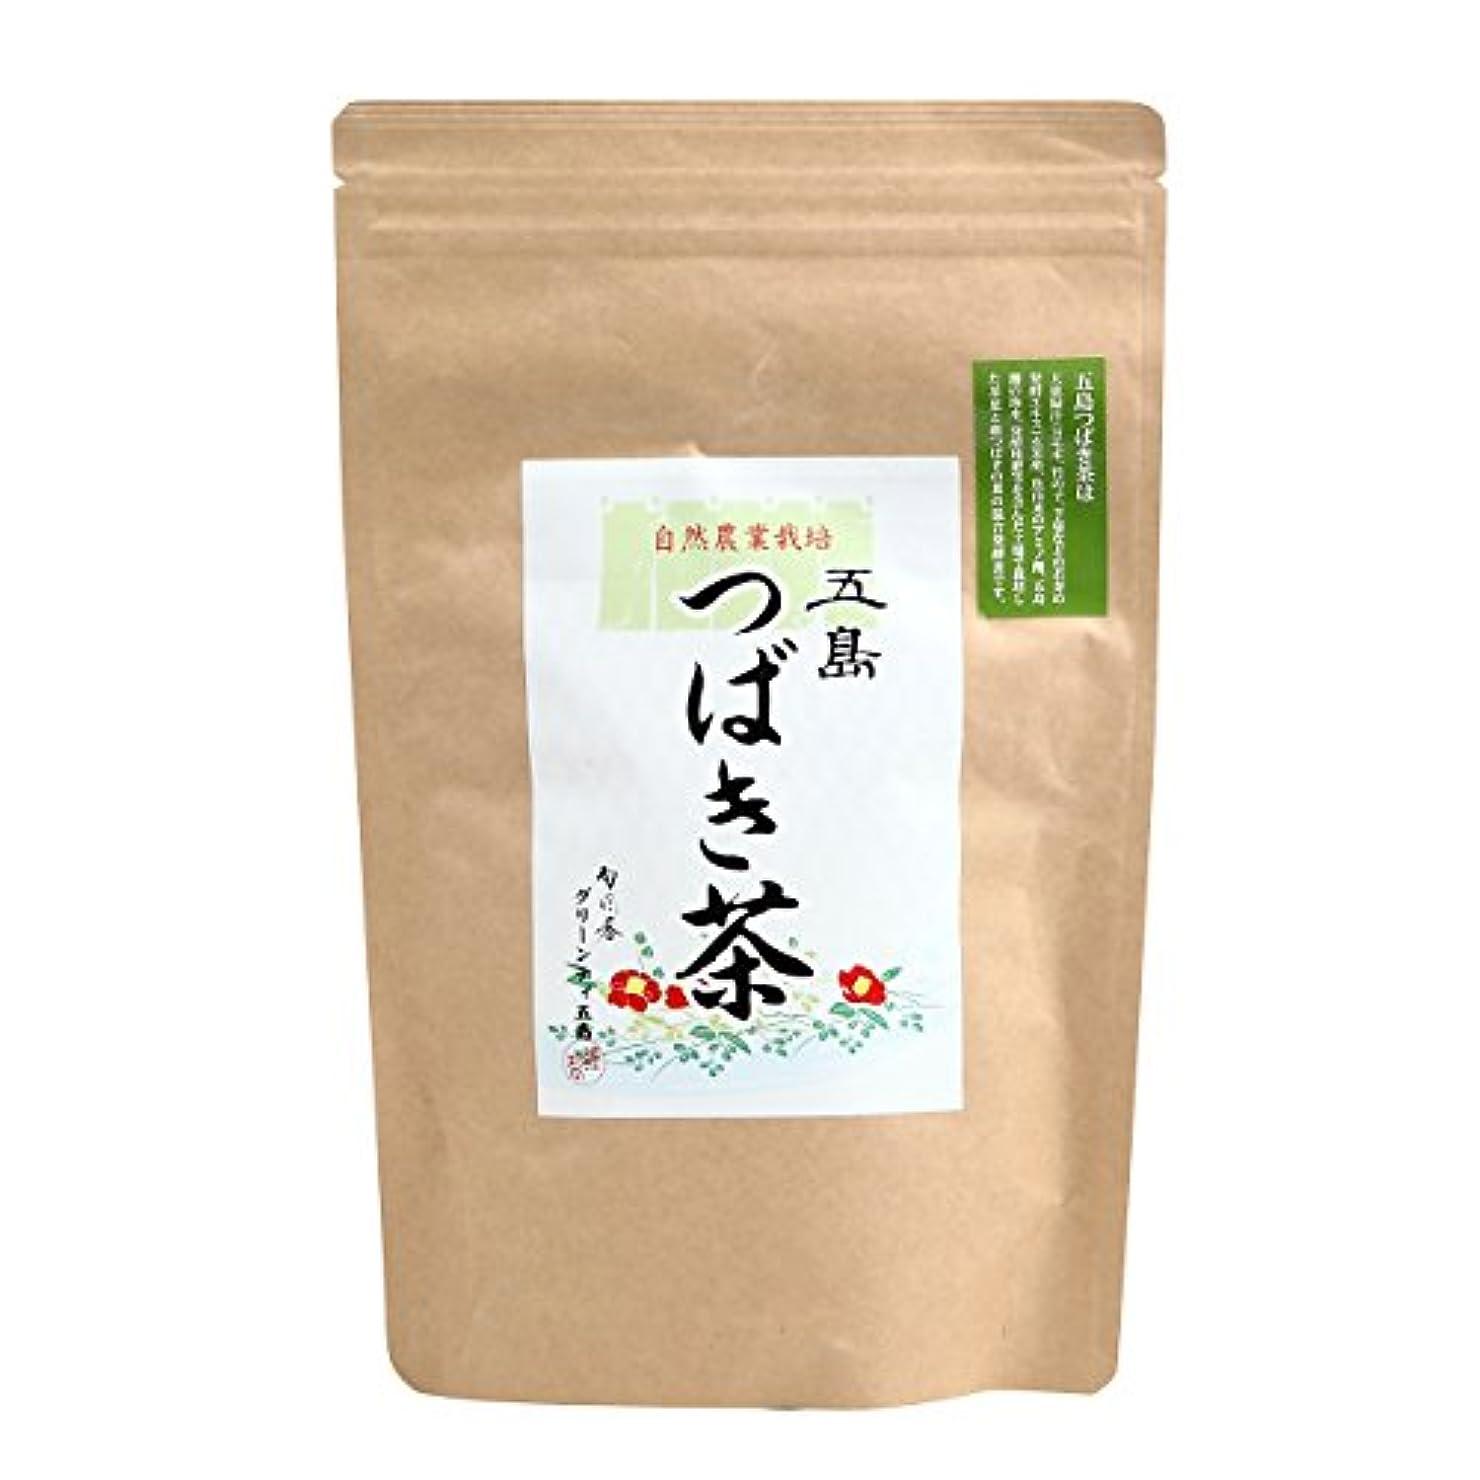 副産物禁止子音五島つばき茶 90包